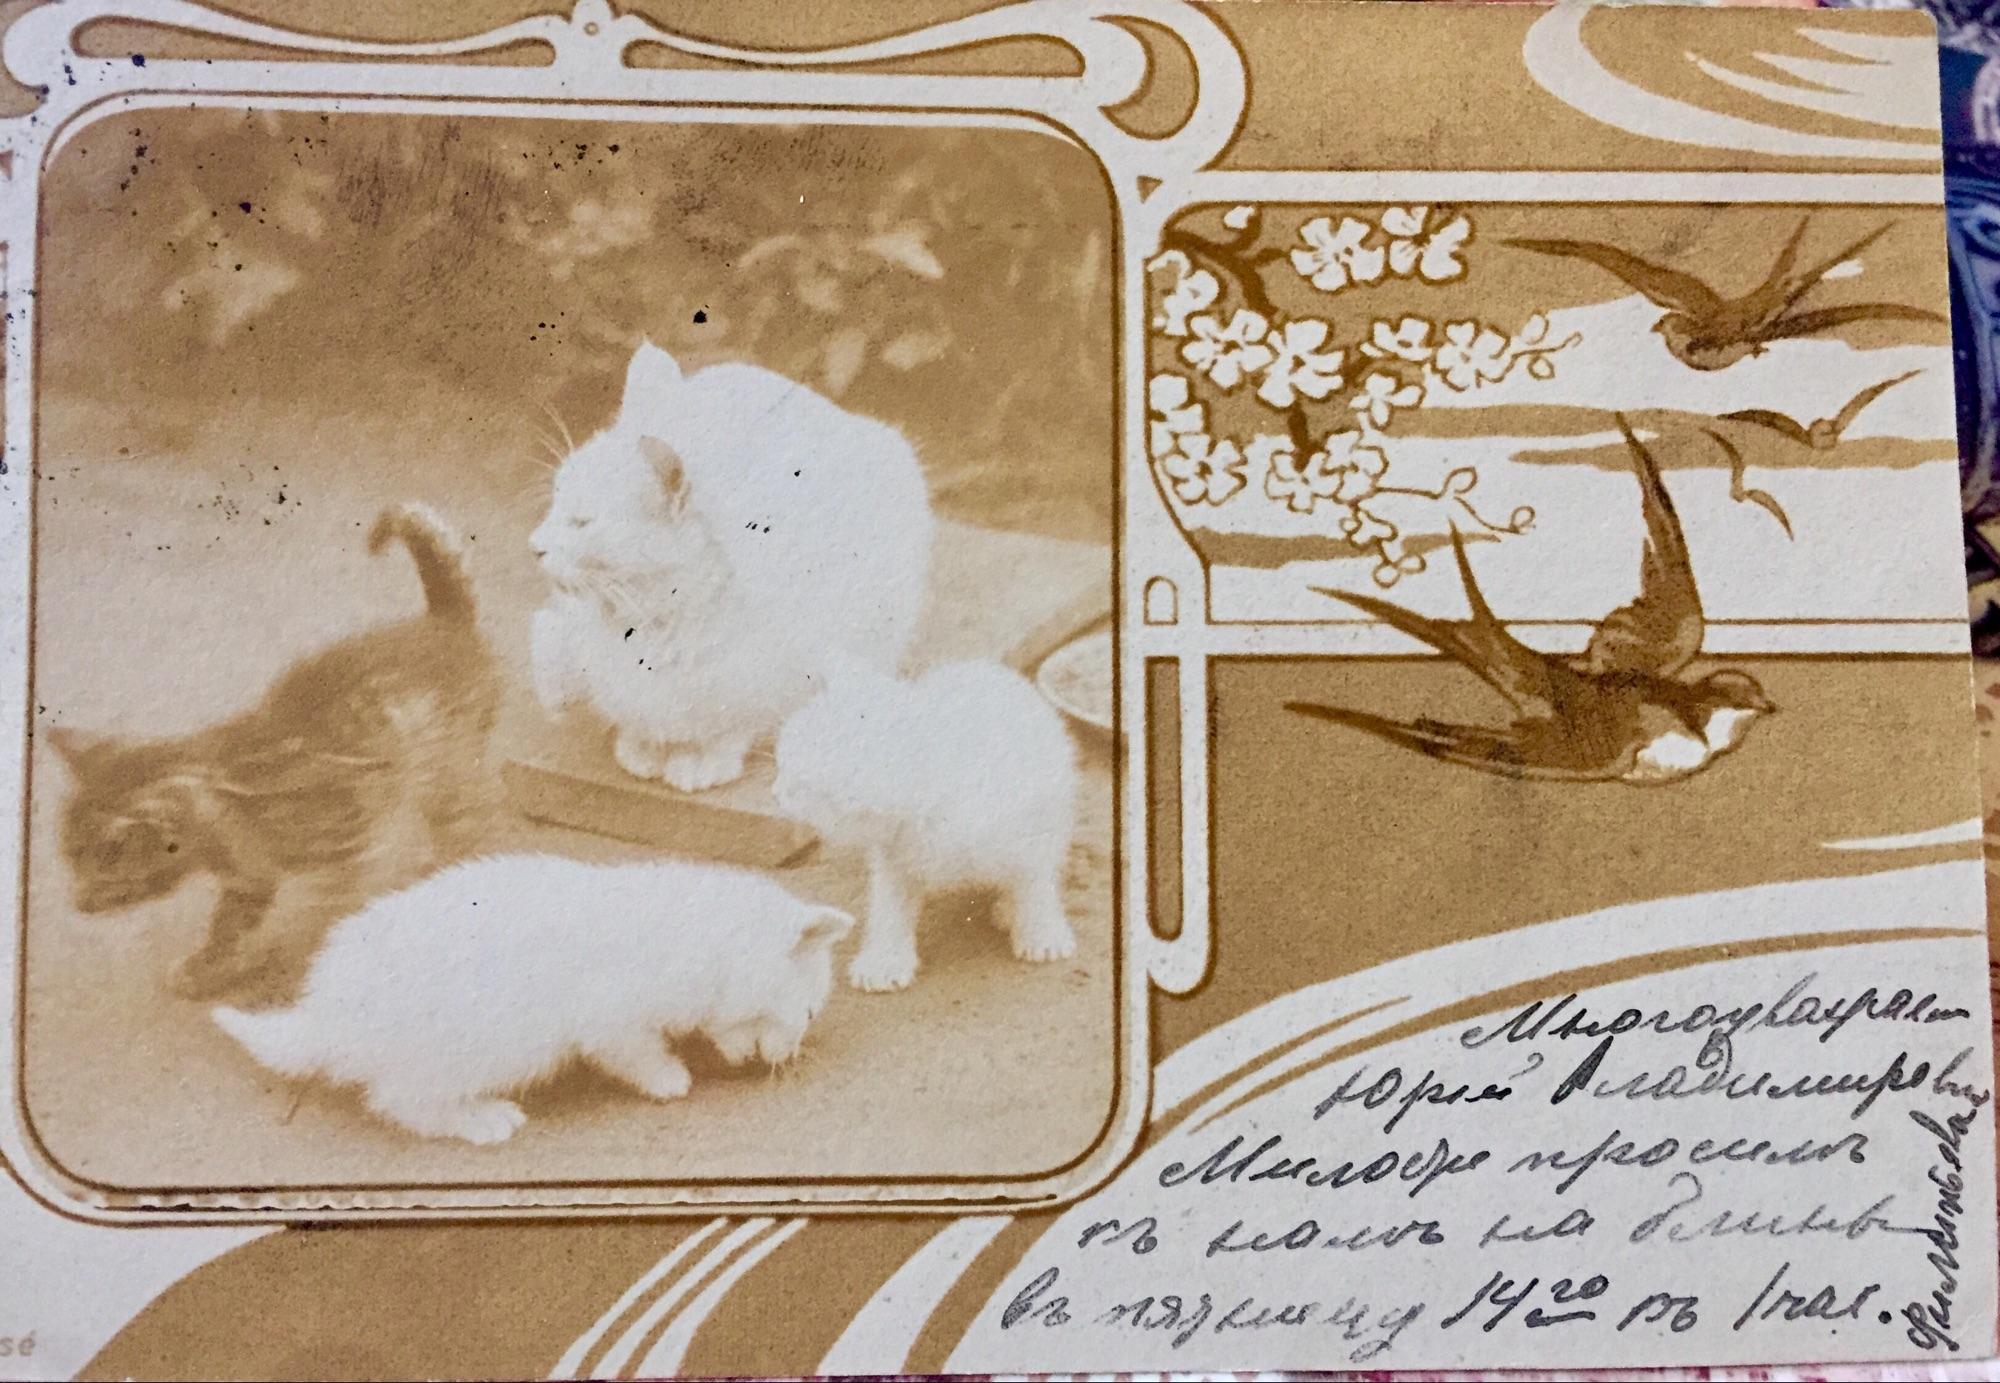 Текст открытки в маленьком уголке.